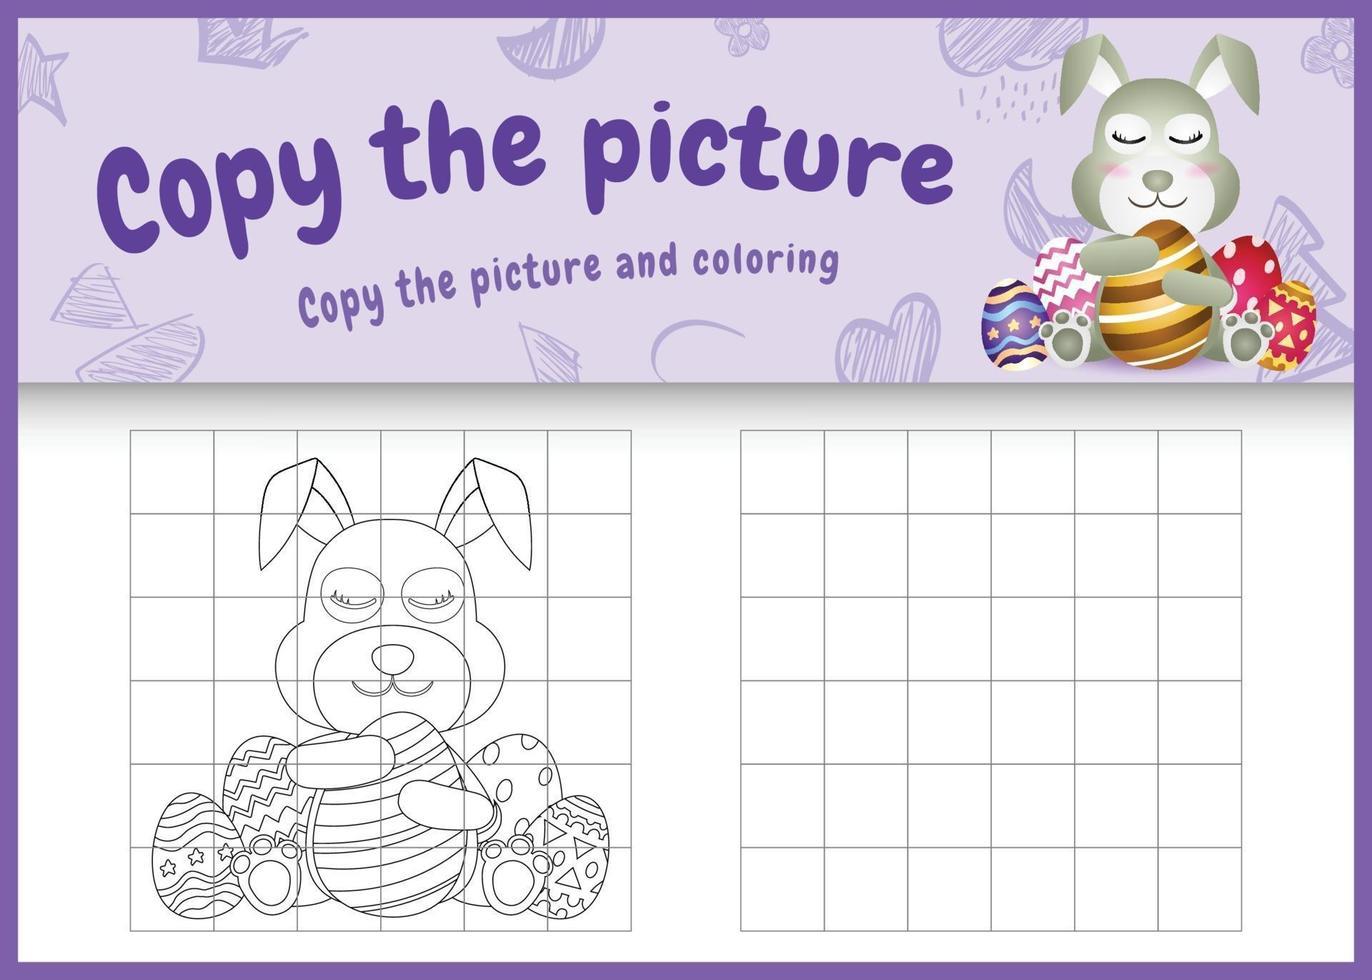 copie o jogo de crianças de imagem e página para colorir com tema de Páscoa com um coelho fofo usando tiaras de orelhas de coelho abraçando ovos vetor